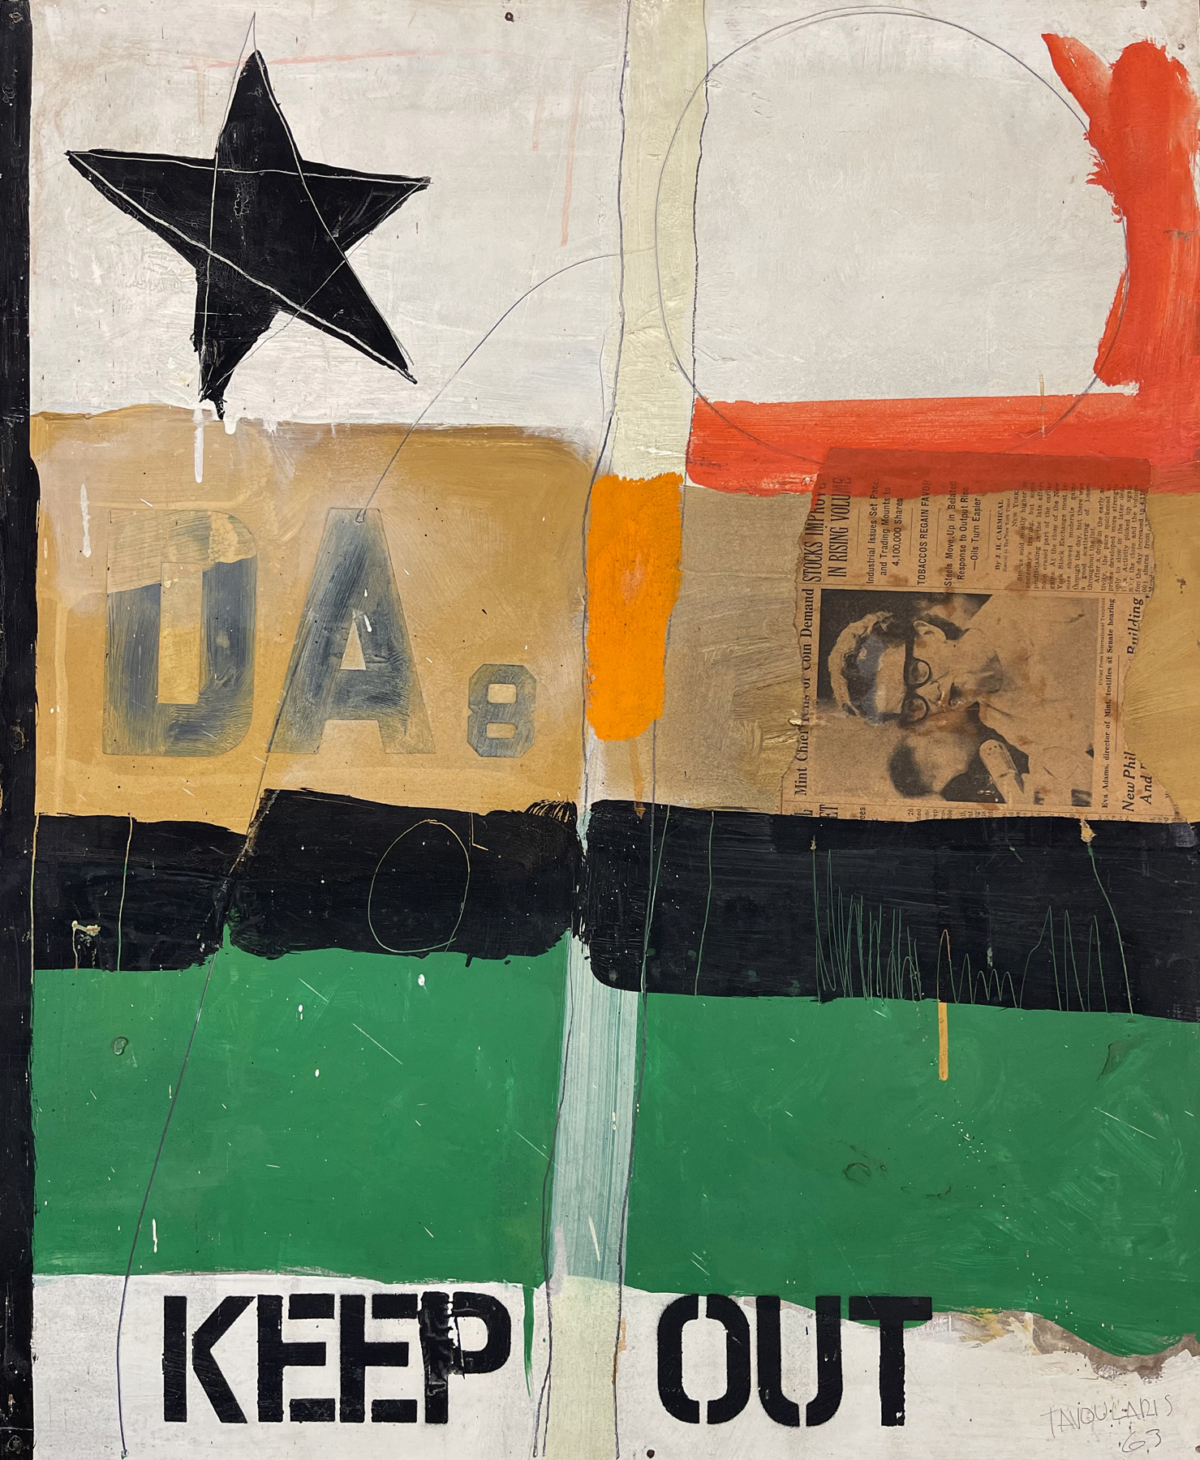 Keep out, 1963 Acrylique sur bois, 61 x 50 cm DT21-042 ©Dean Tavoularis